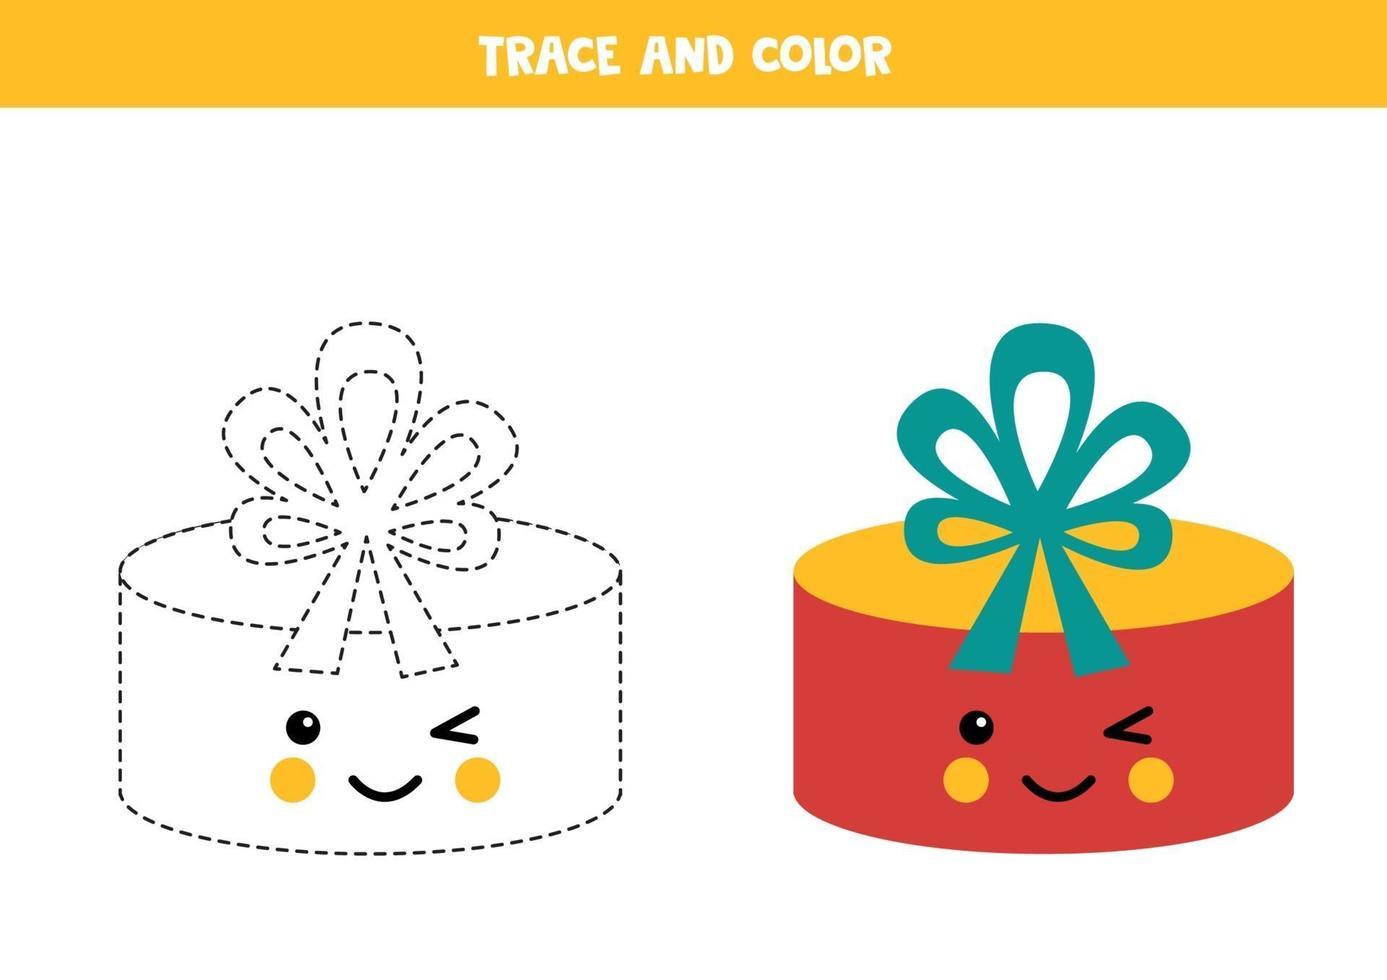 tracing werkblad voor kinderen. kleur schattig geschenkdoosje. vector